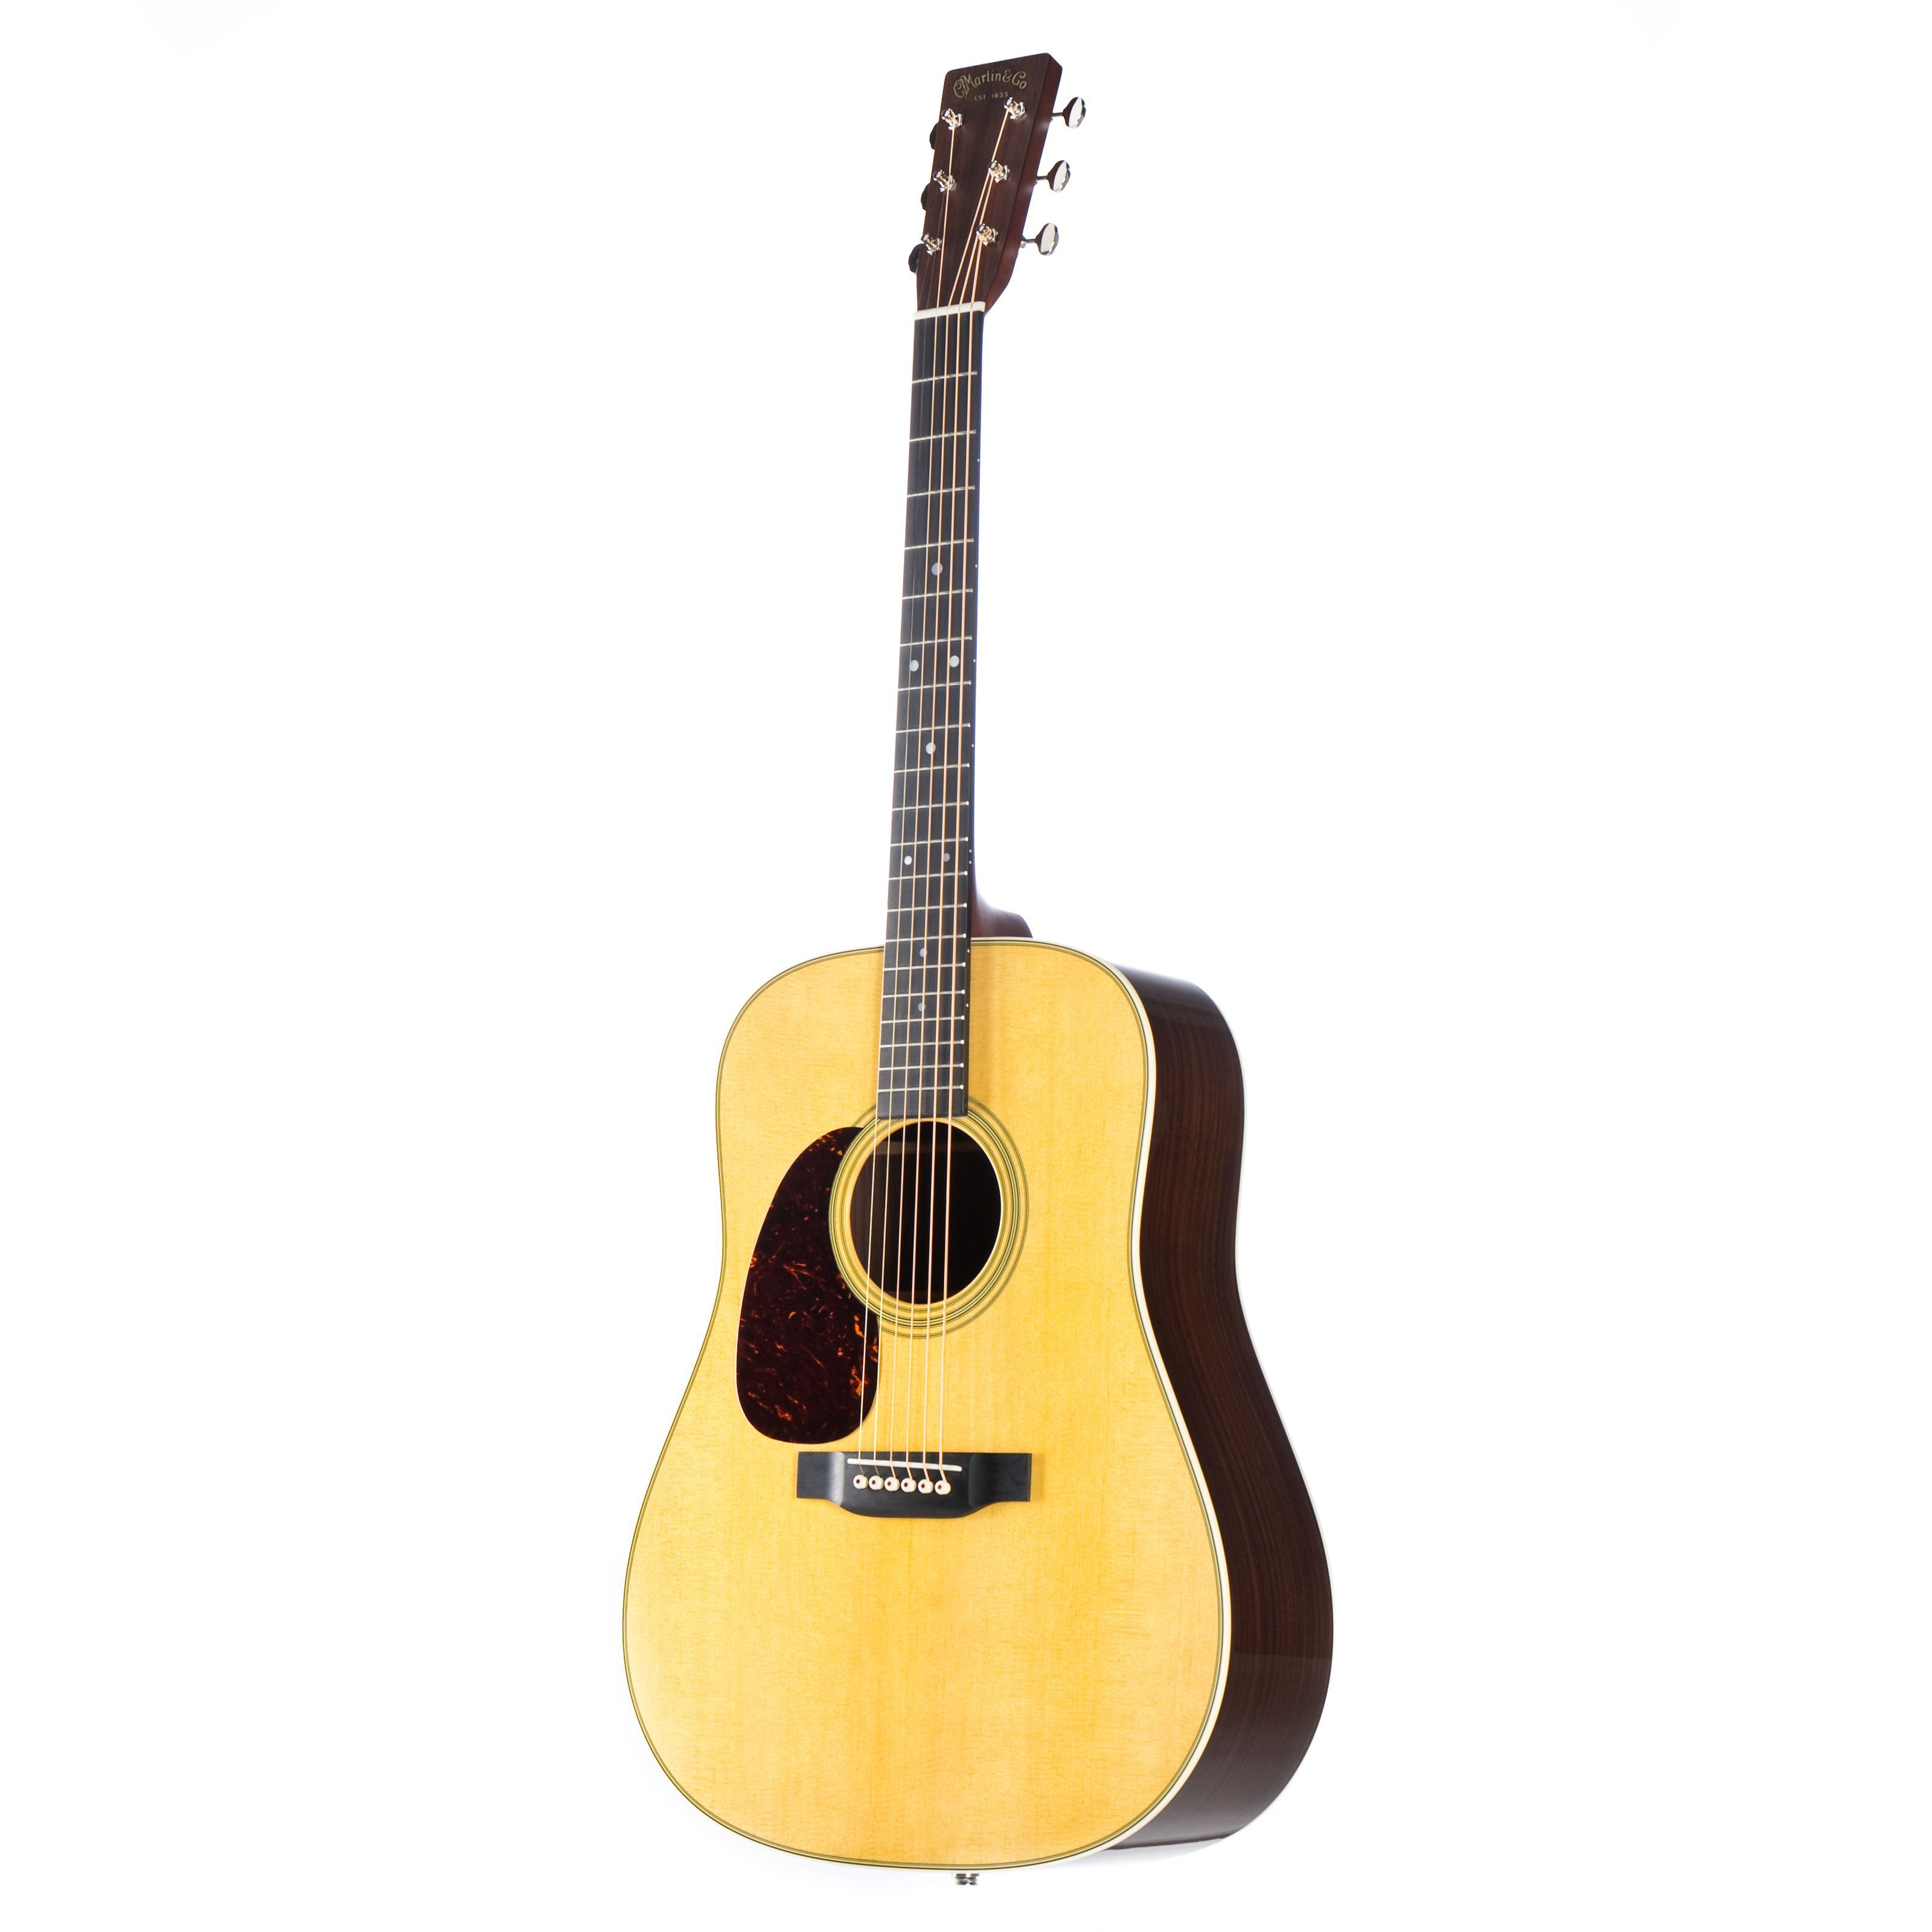 Martin Guitars - D-28 Standard Lefthand D-28 (2017) Lefthand